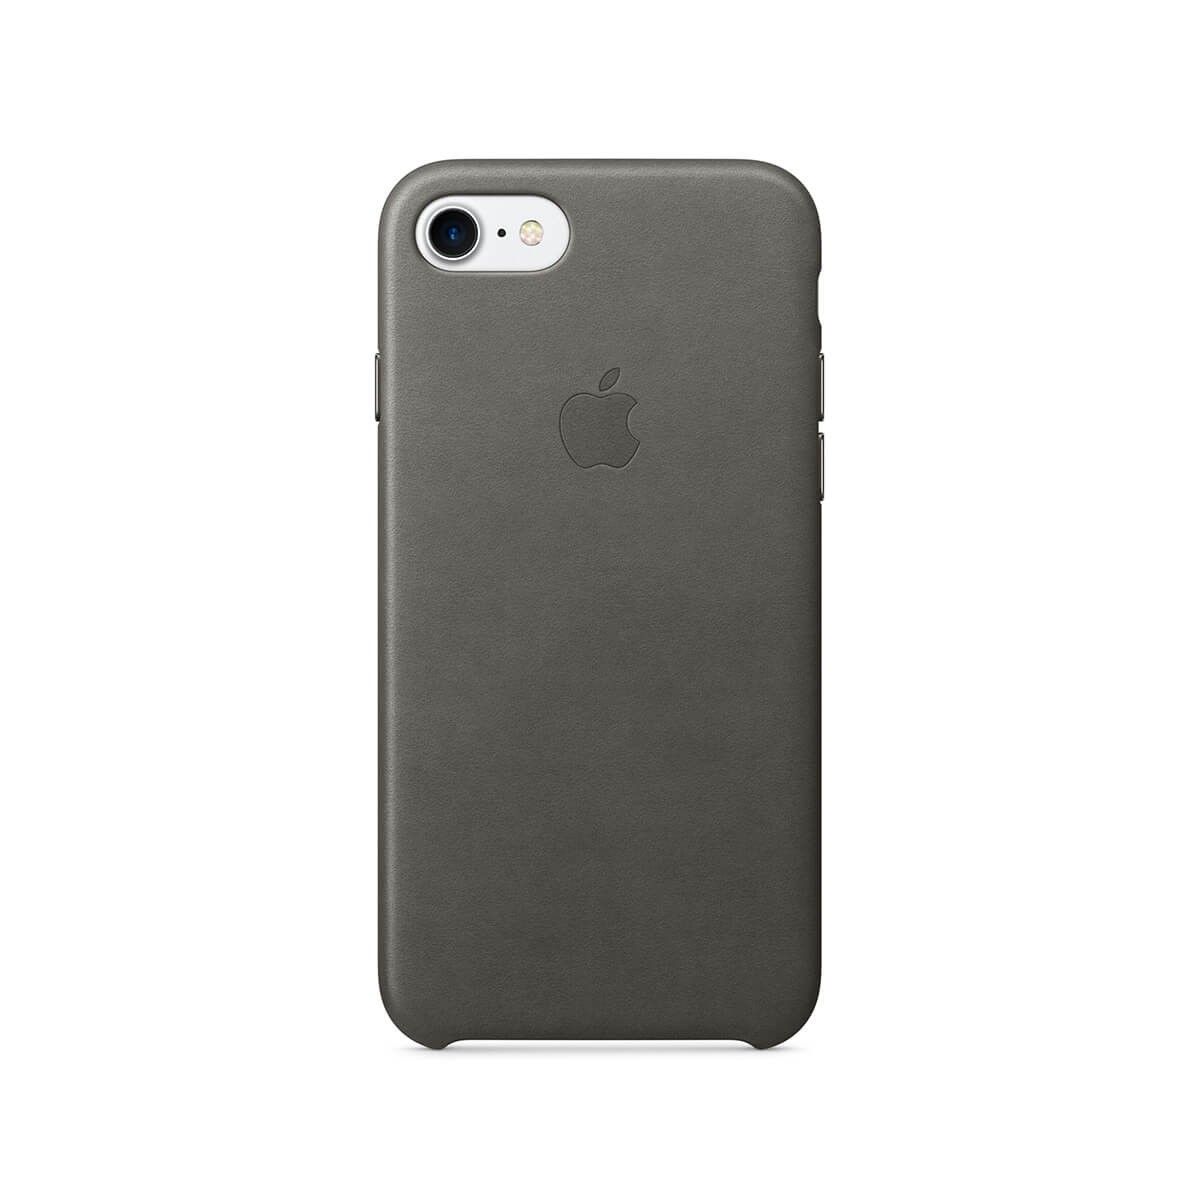 Apple kožený kryt na iPhone 7 – bouřkově šedý mmy12zm/a